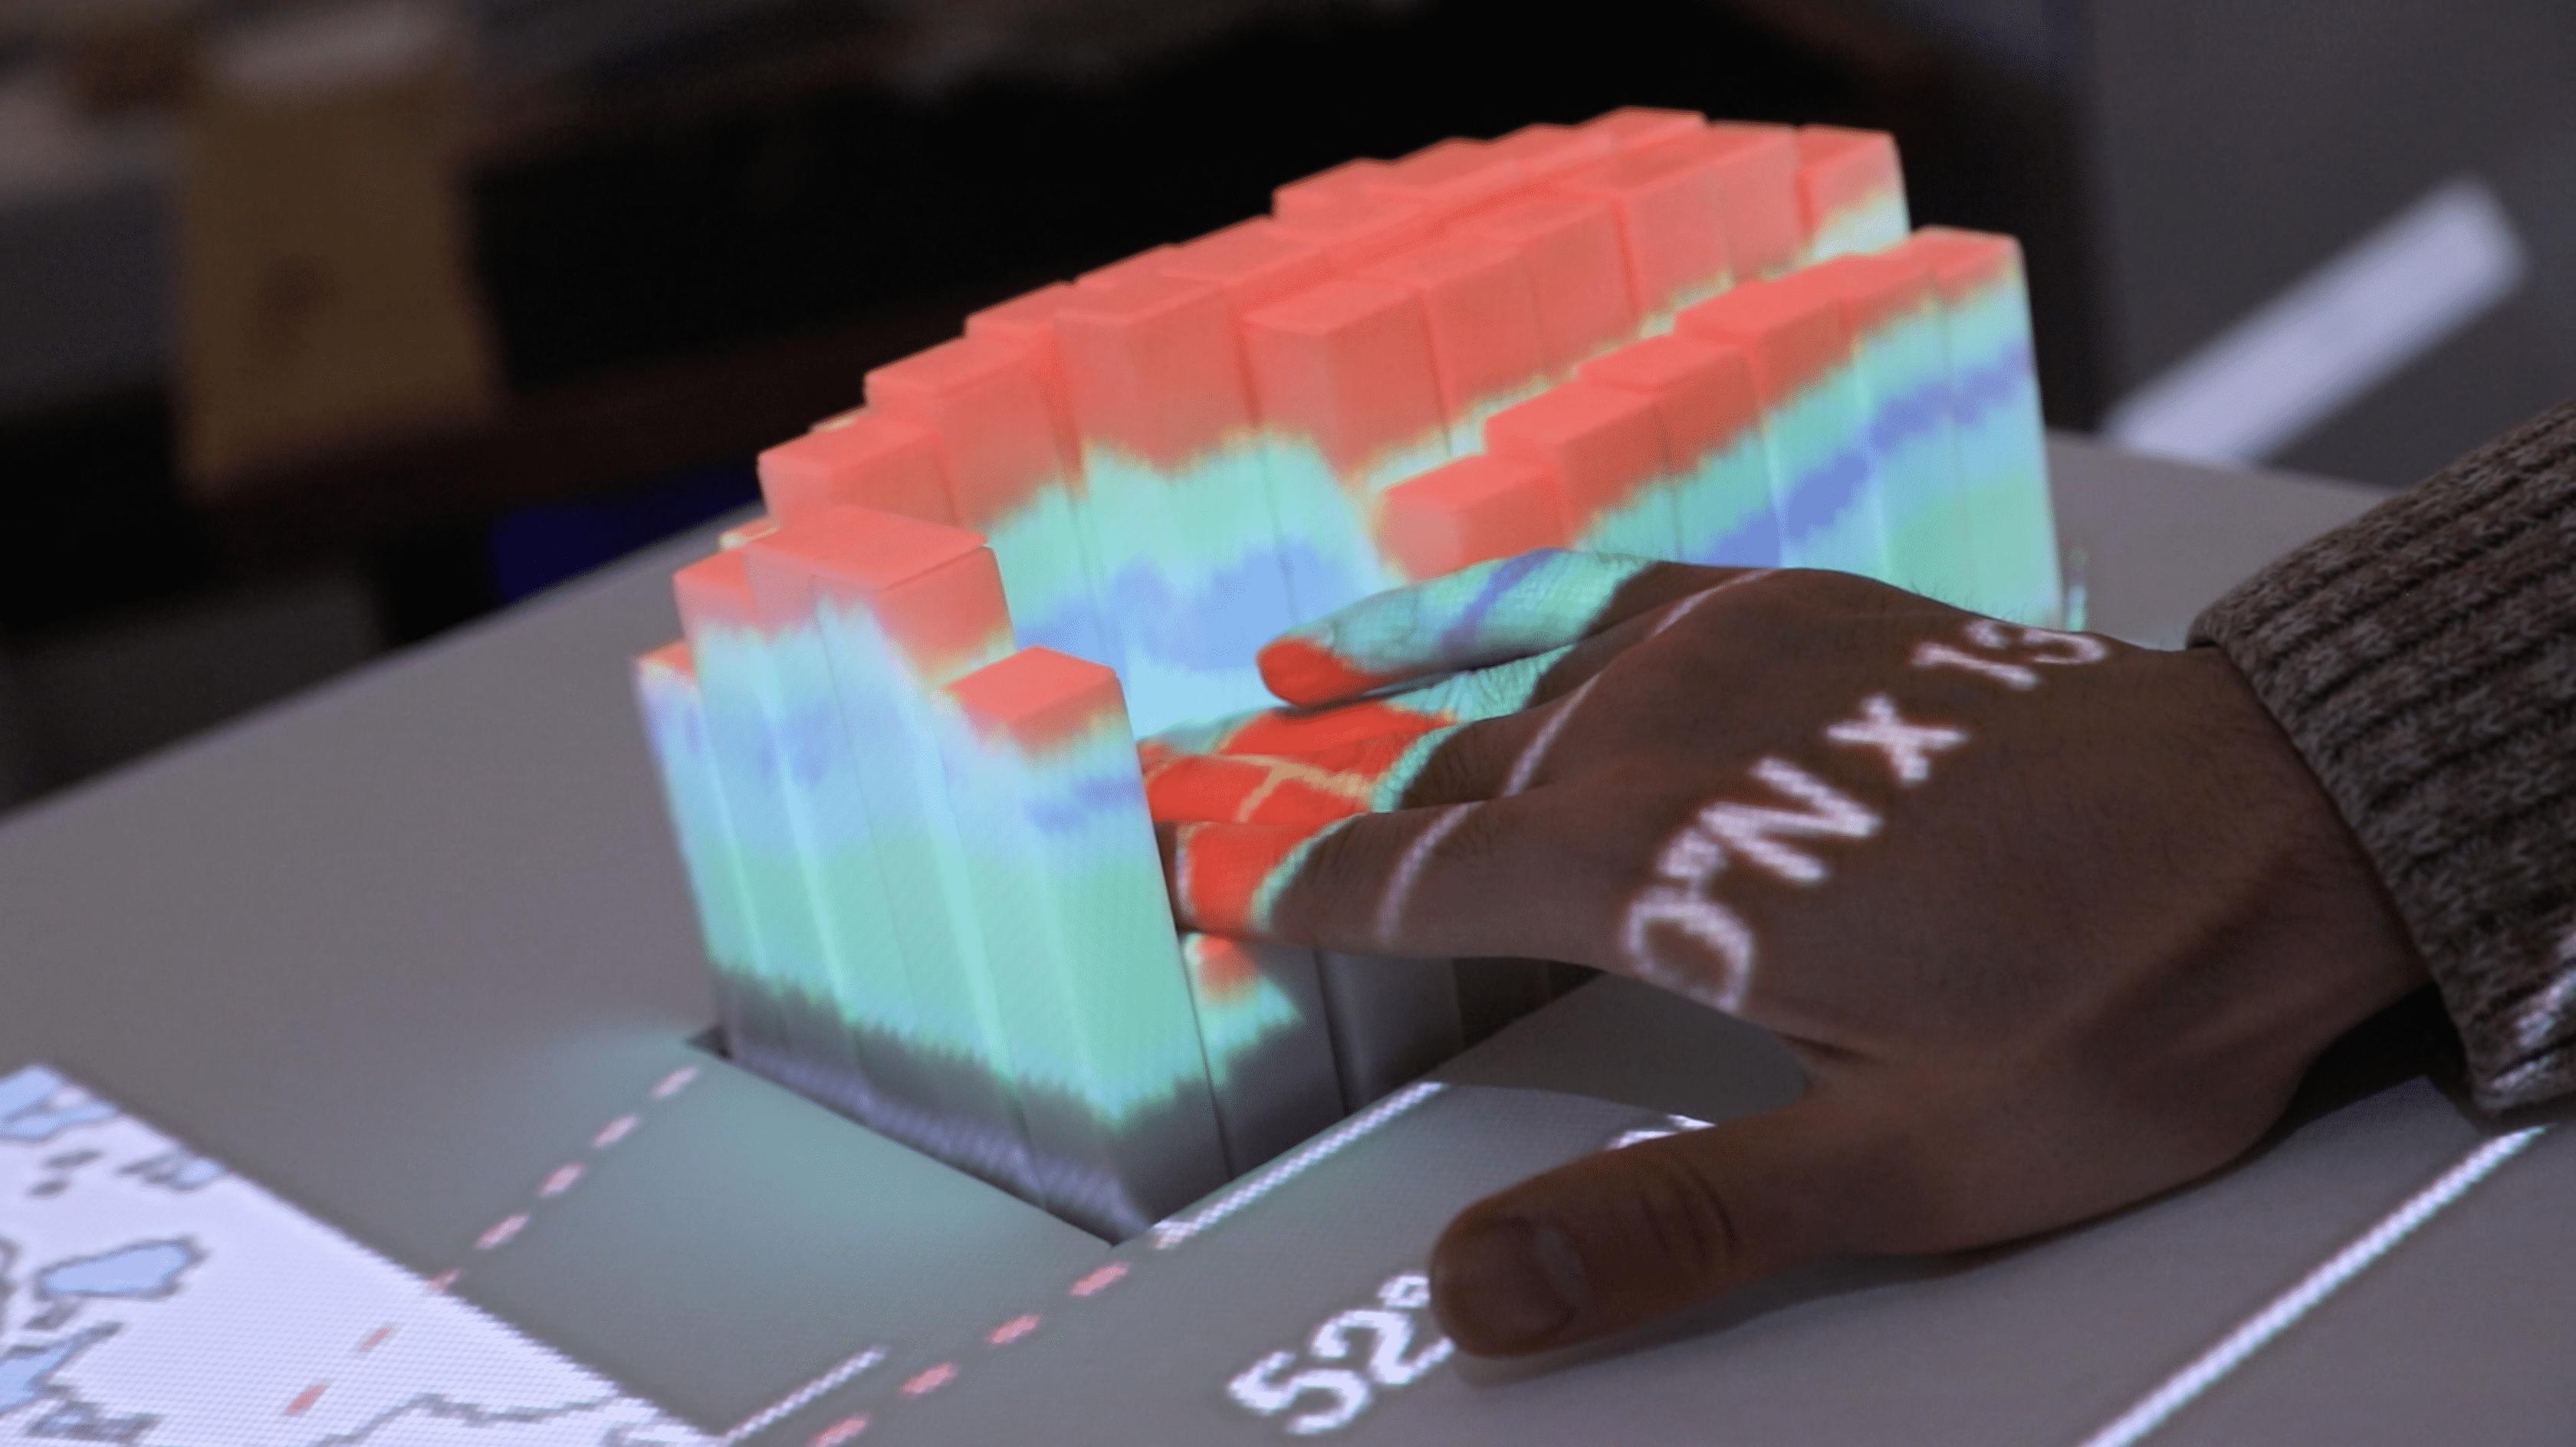 Eine Hand drückt schmale Quader in einen Tisch. Die Quader werden in verschiedenen Farben angeleuchtet.